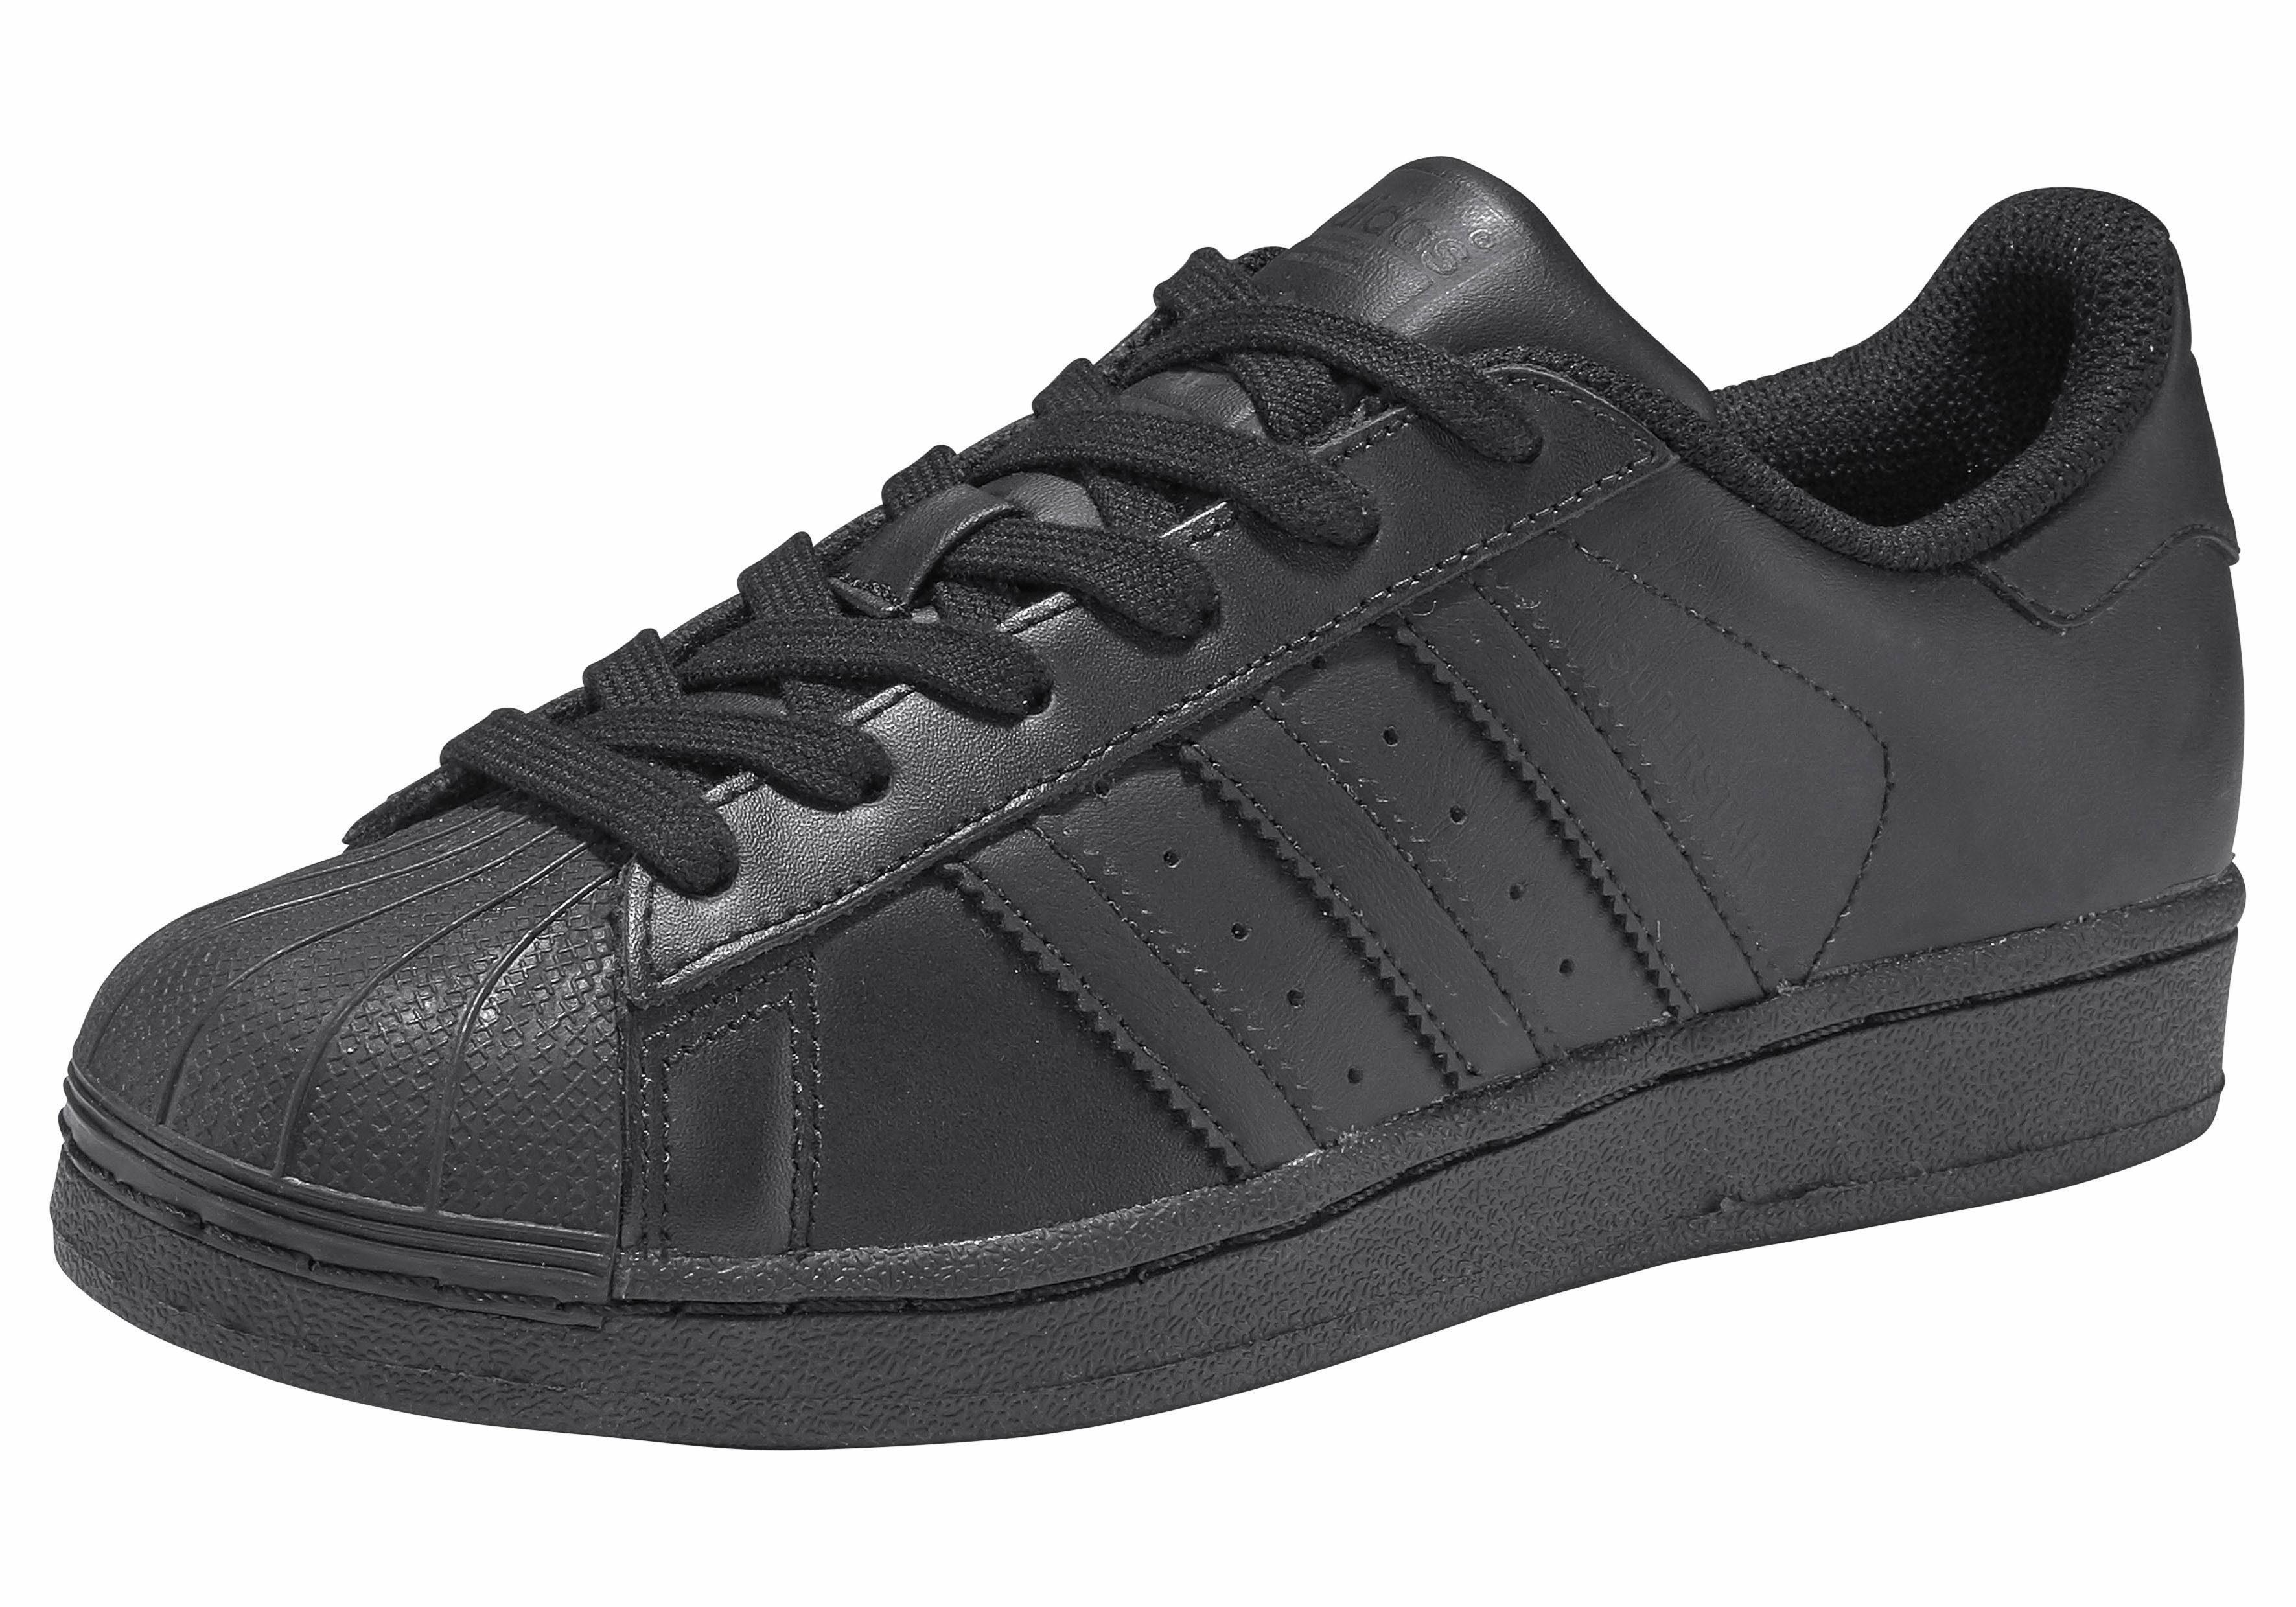 adidas Originals »SUPERSTAR FOUNDATION J« Sneaker, Klassische Zehenkappe aus Gummi online kaufen | OTTO